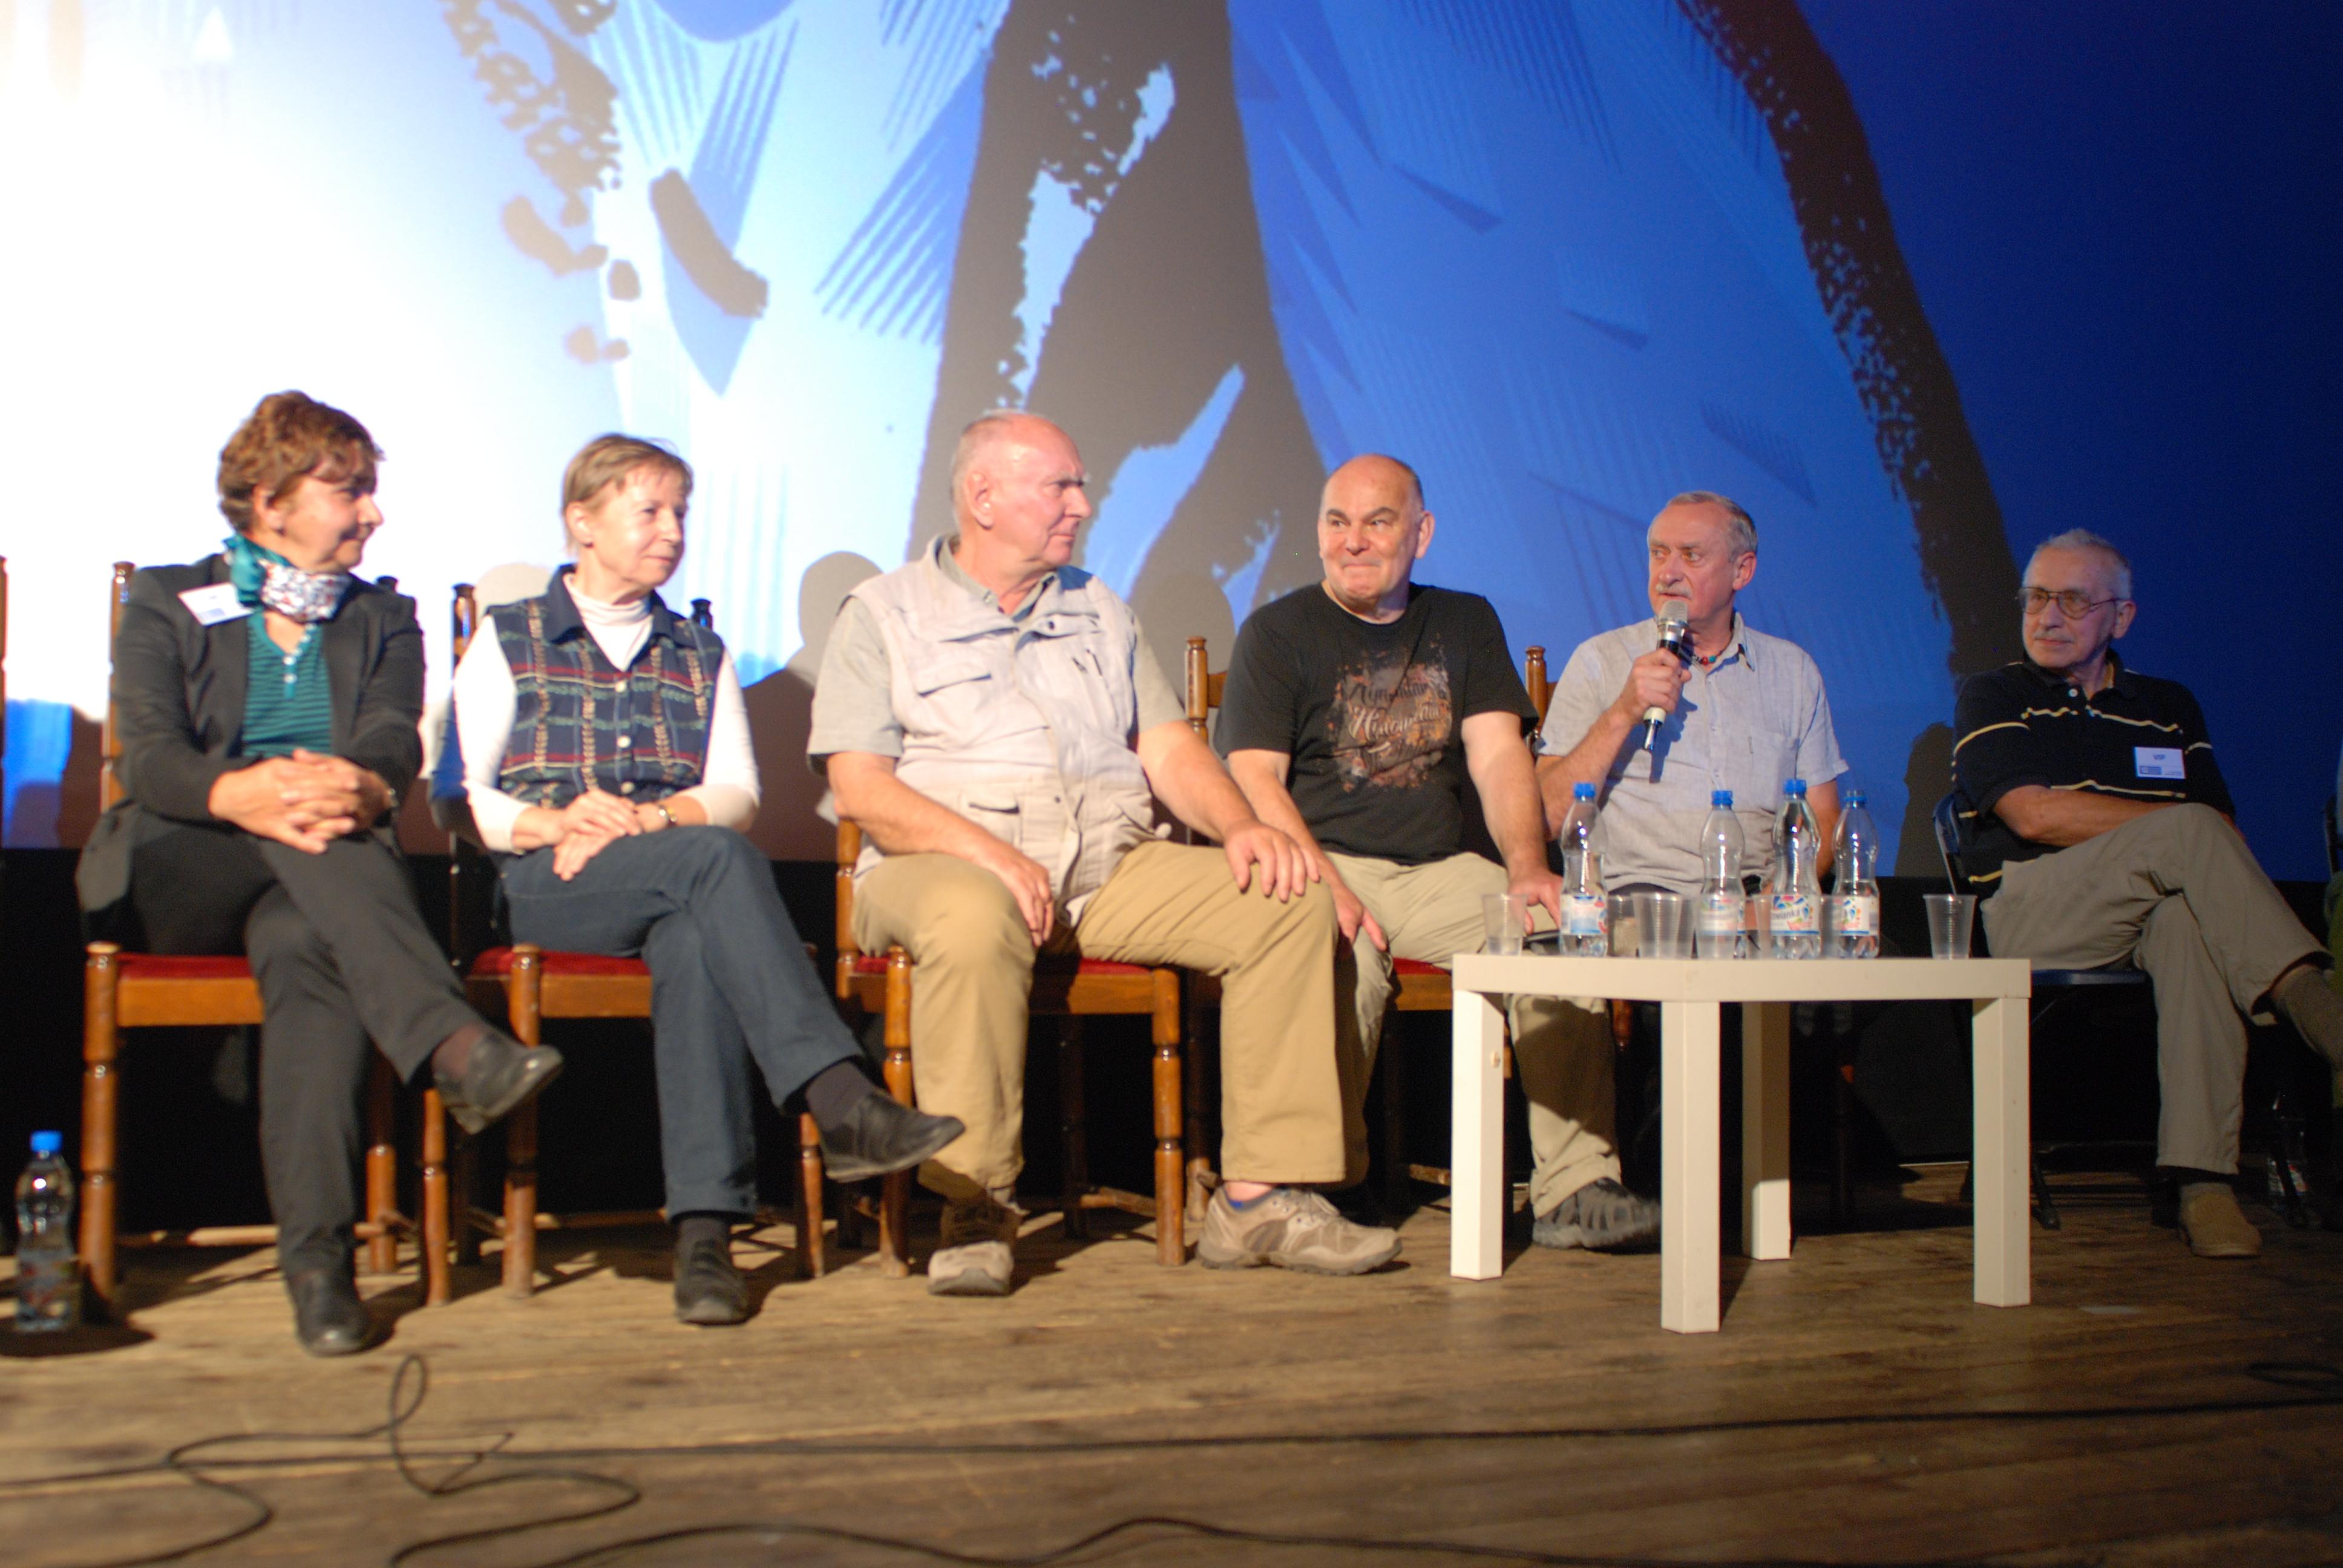 Od lewej: Anna Okopińska, Krystyna Palmowska, Janusz Kurczab, Janusz Majer, Krzysztof Wielicki, Wojciech (fot. Outdoor Magazyn)